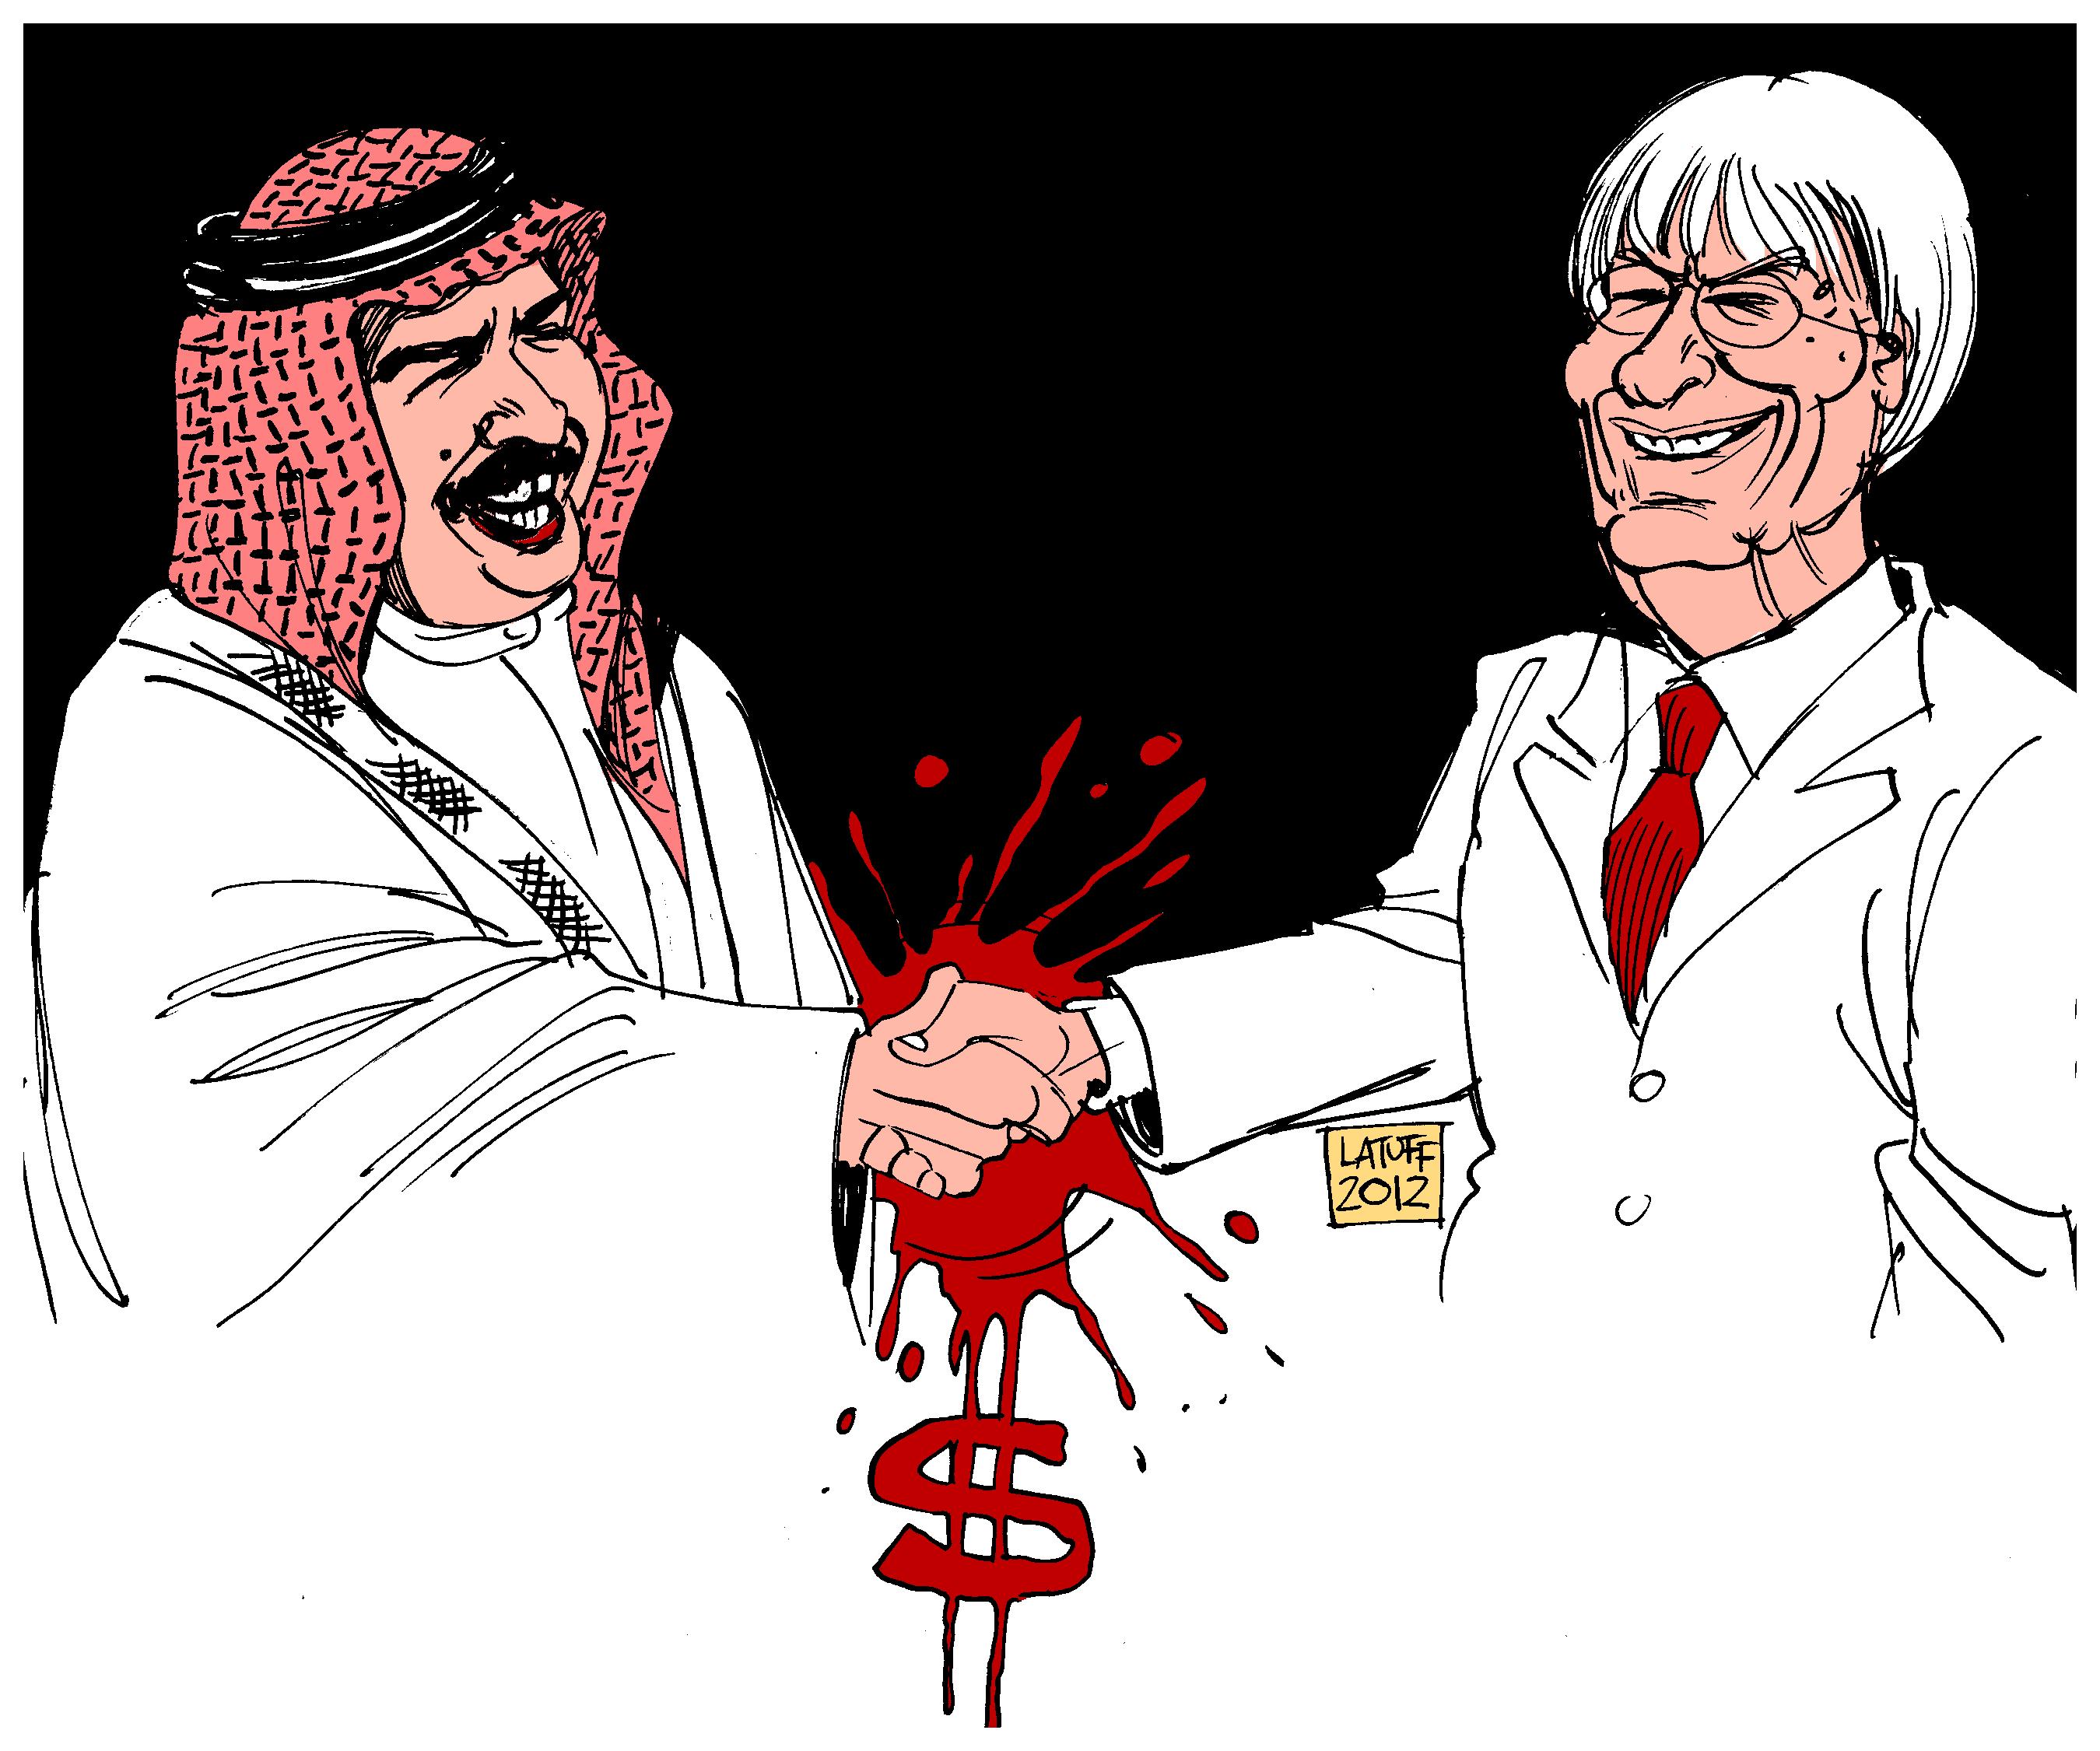 Берни Экклстоун жмет руку королю Хамаду - карикатура Carlos Latuff